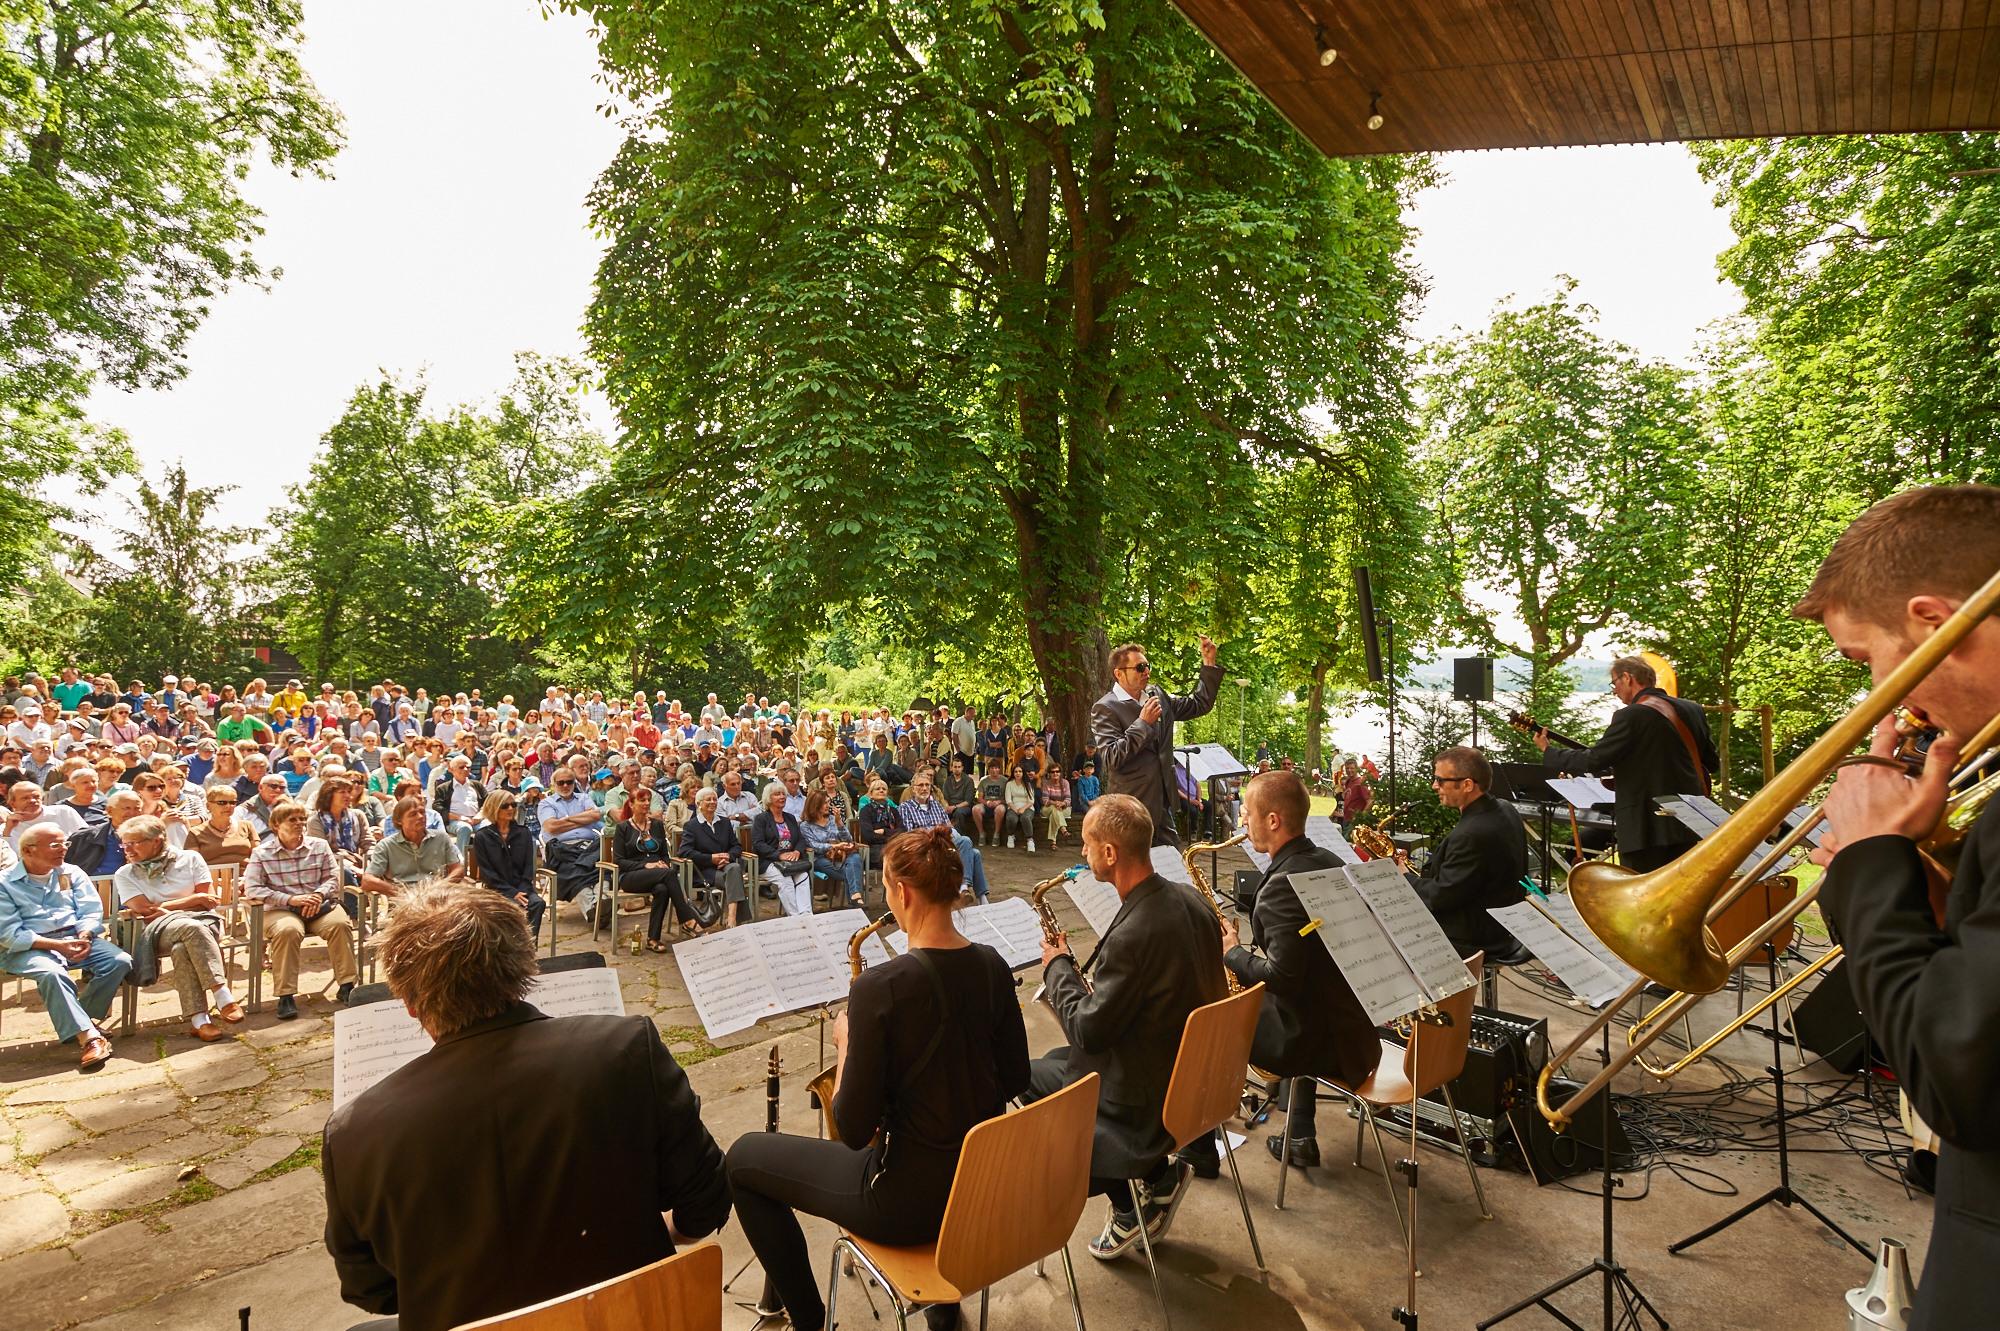 Musikveranstaltung an der Konzertmuschel in Radolfzell am Bodensee